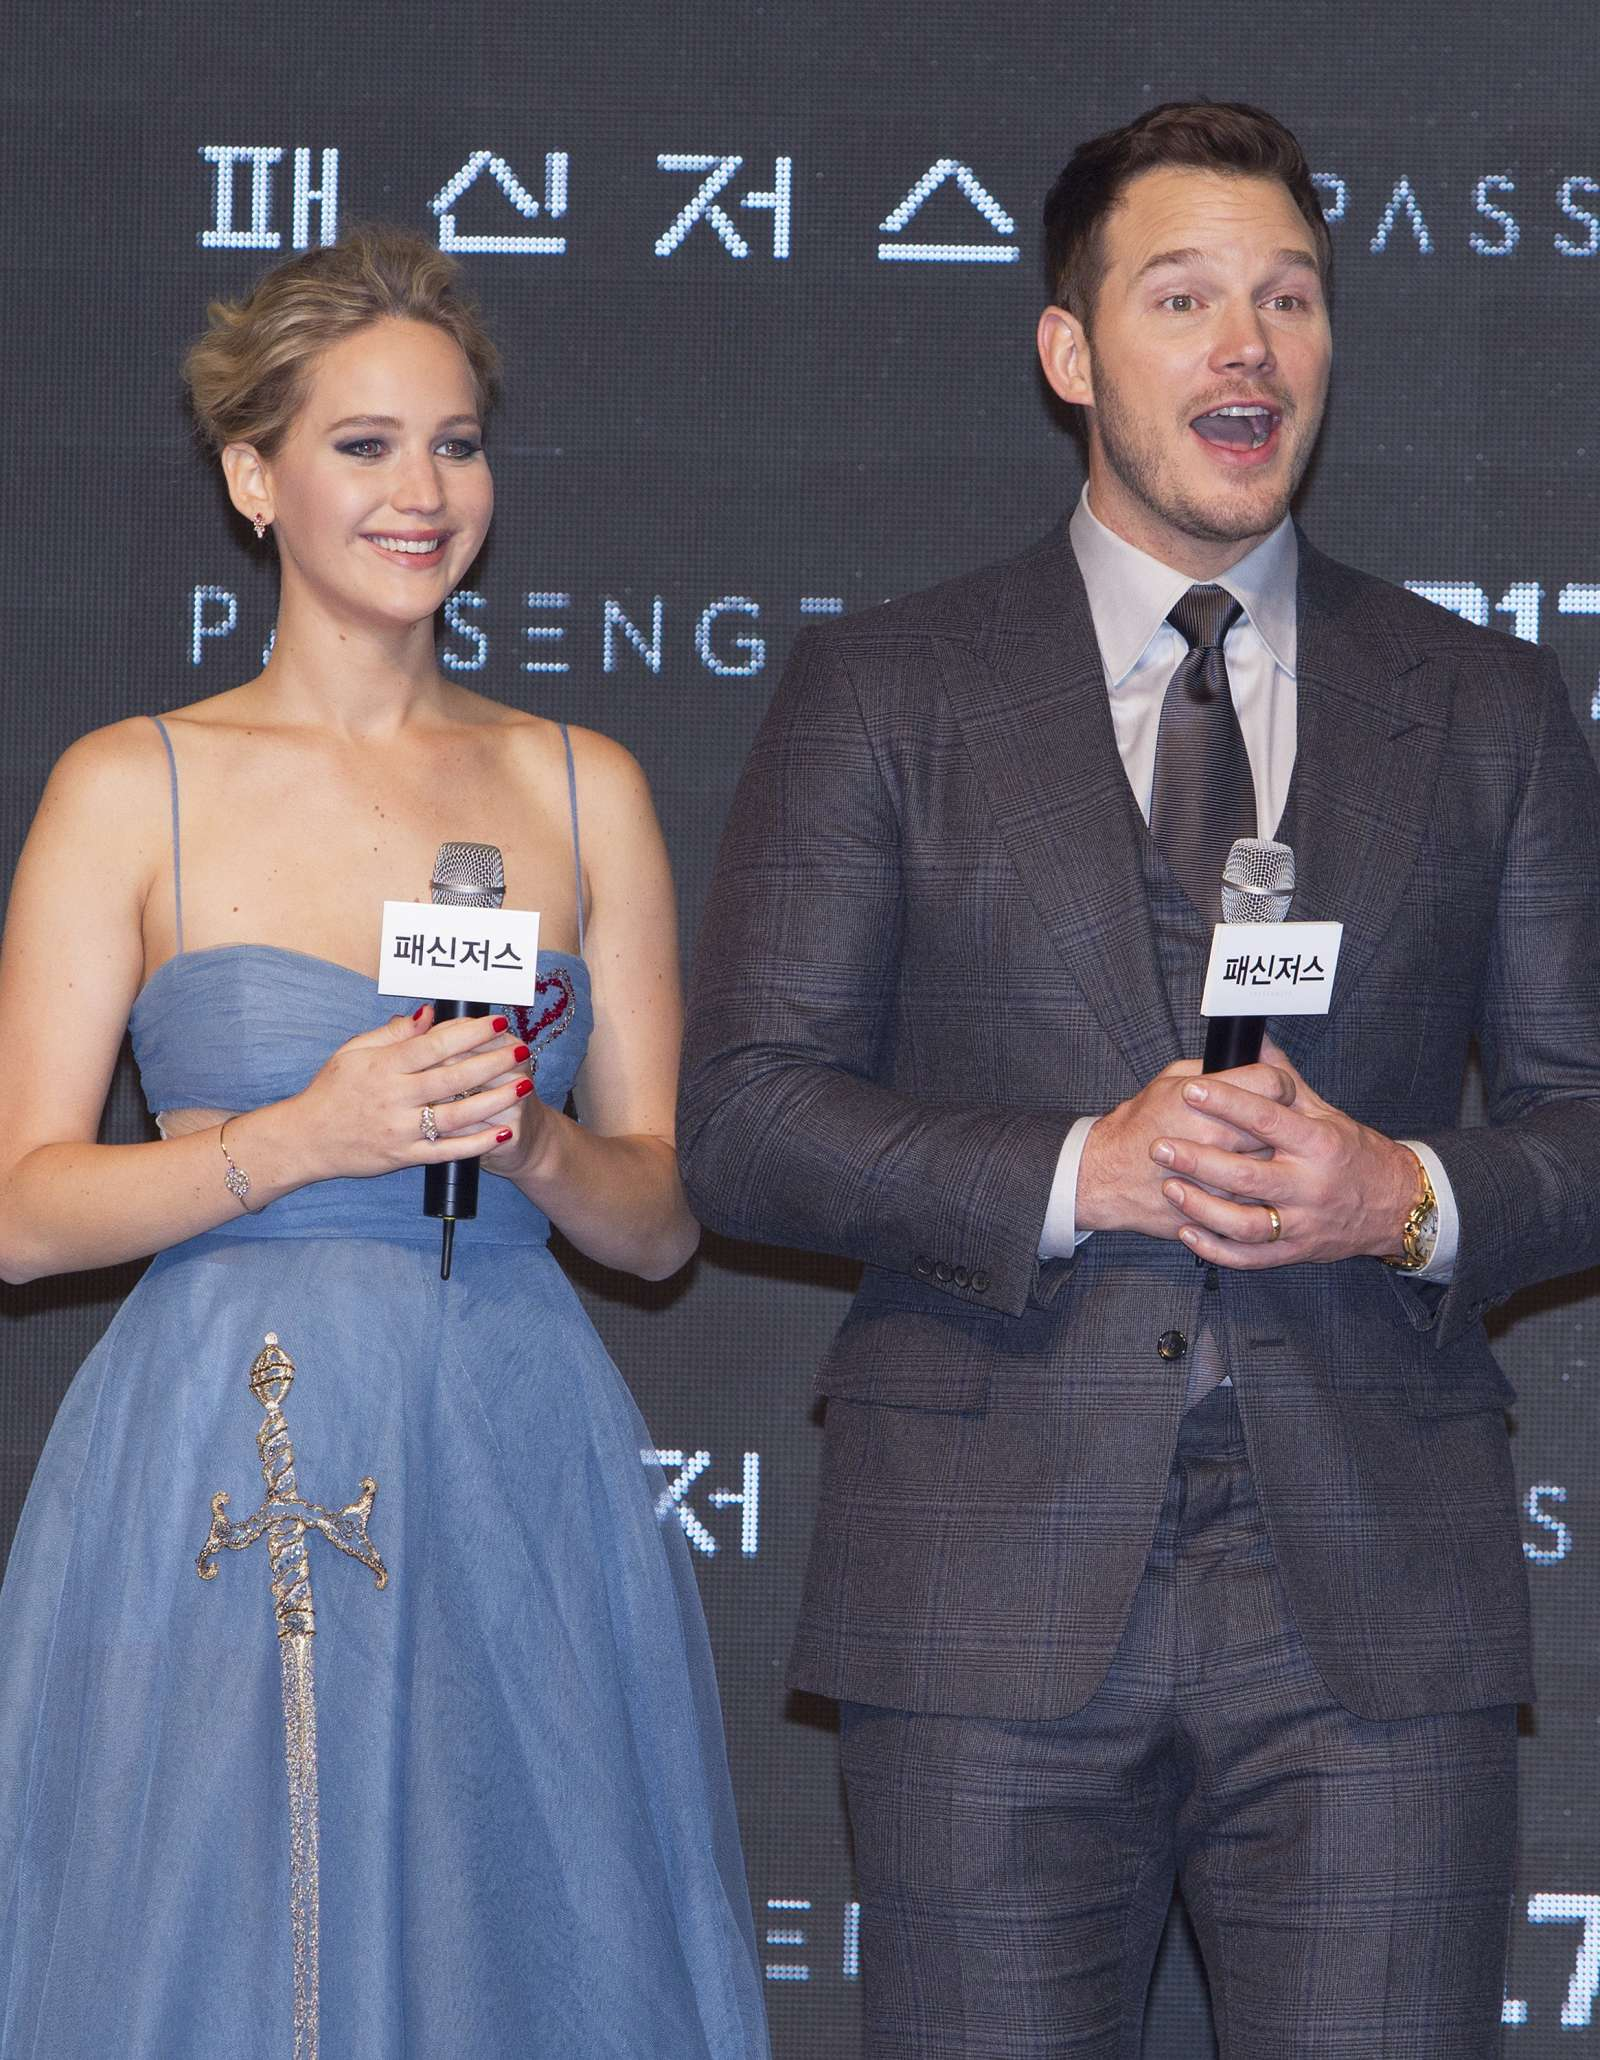 Jennifer Lawrence 2016 : Jennifer Lawrence: Passengers Premiere in Seoul -11